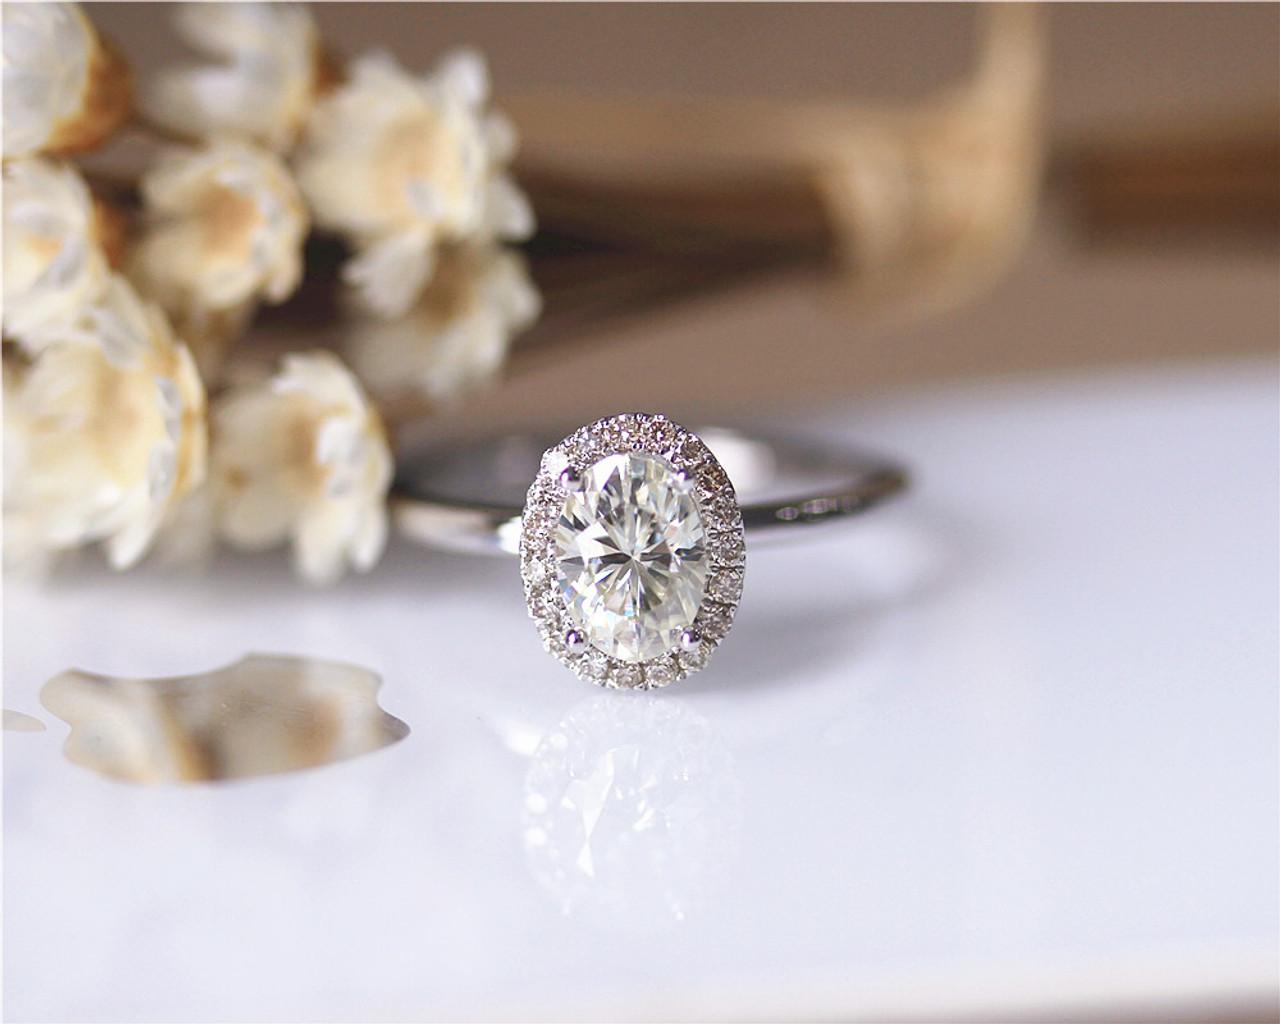 c2e98d48870b4 6*8mm Oval Cut Forever One(GHI)Moissanite Engagement Ring Solid 14K White  Gold Brilliant Moissanite Ring